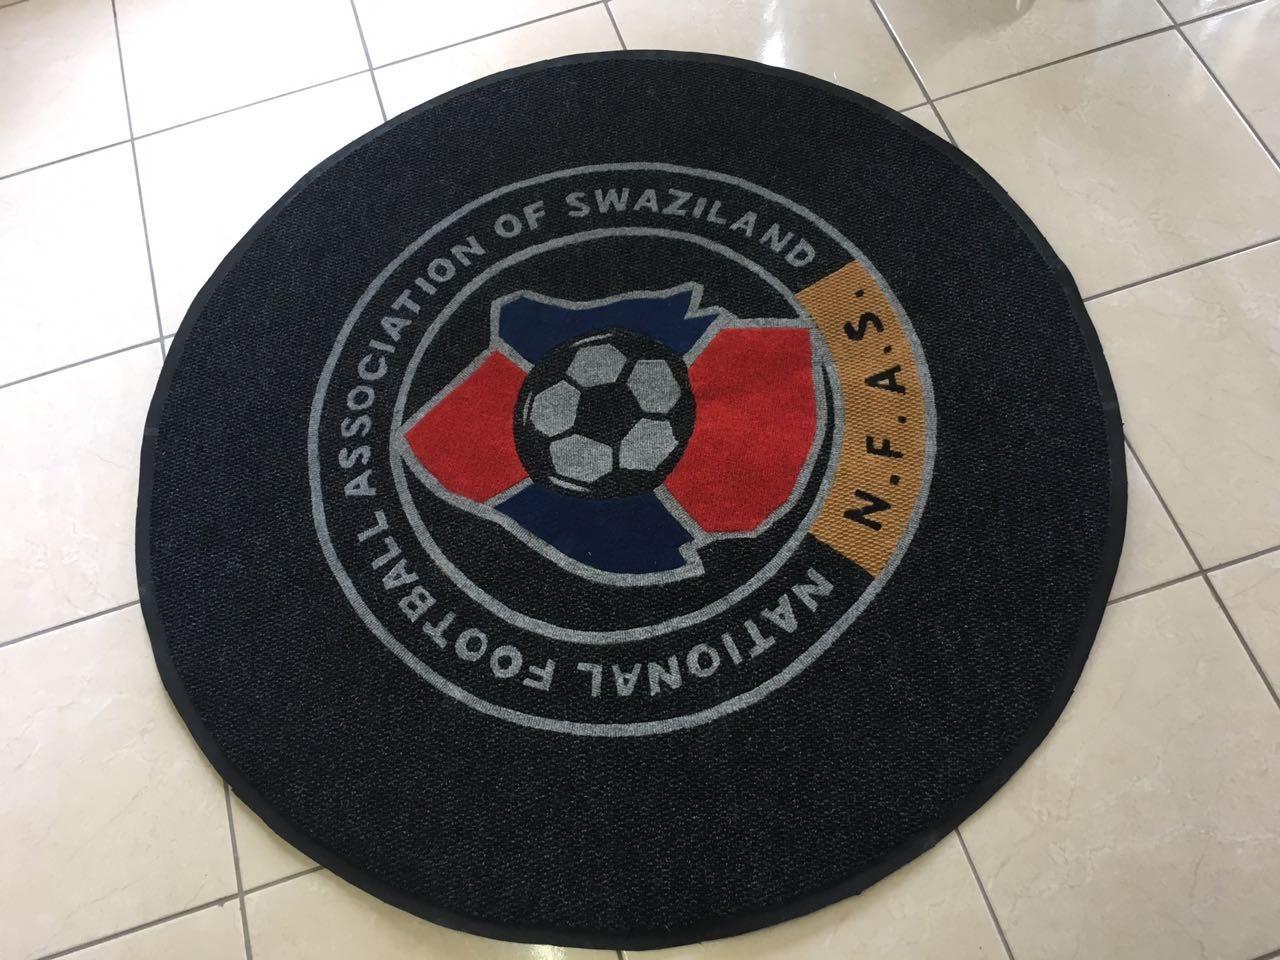 Branded door mats for sale